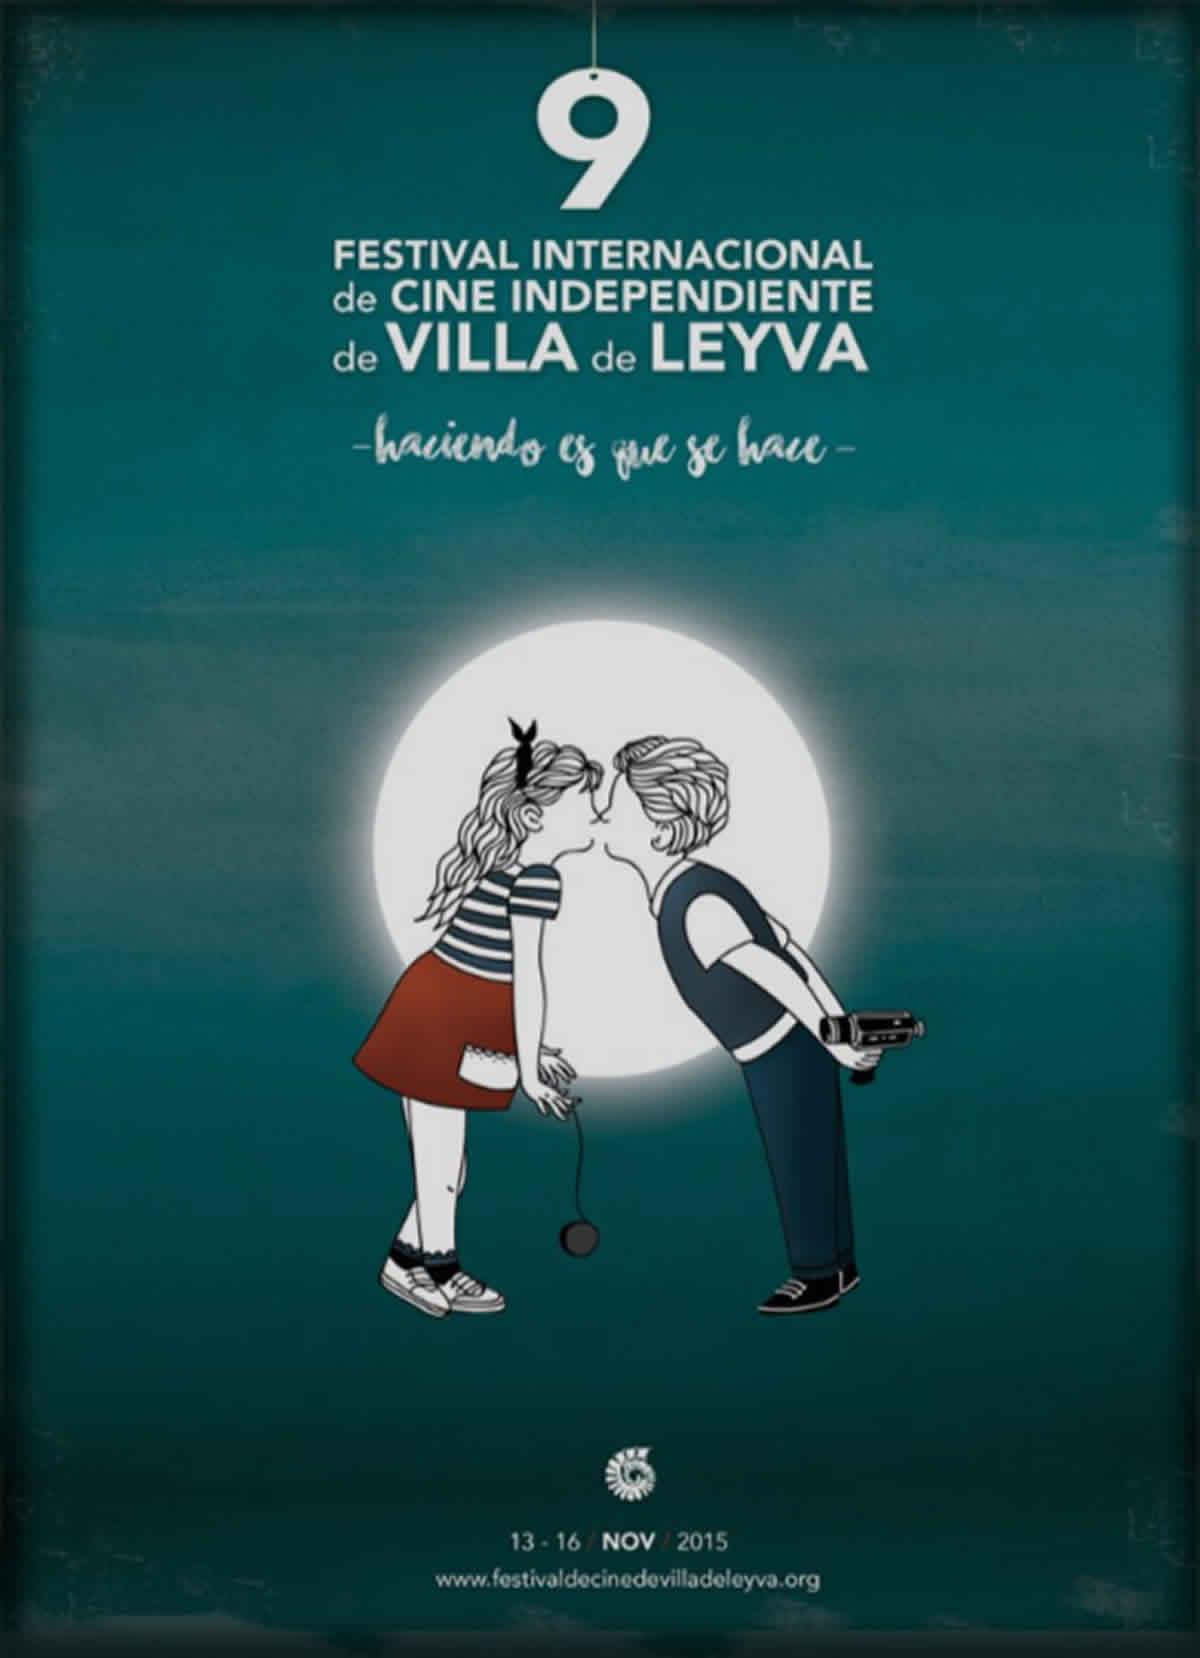 Afiche 9 festival internacional de cine independiente de Villa de Leyva. Haciendo es que se hace